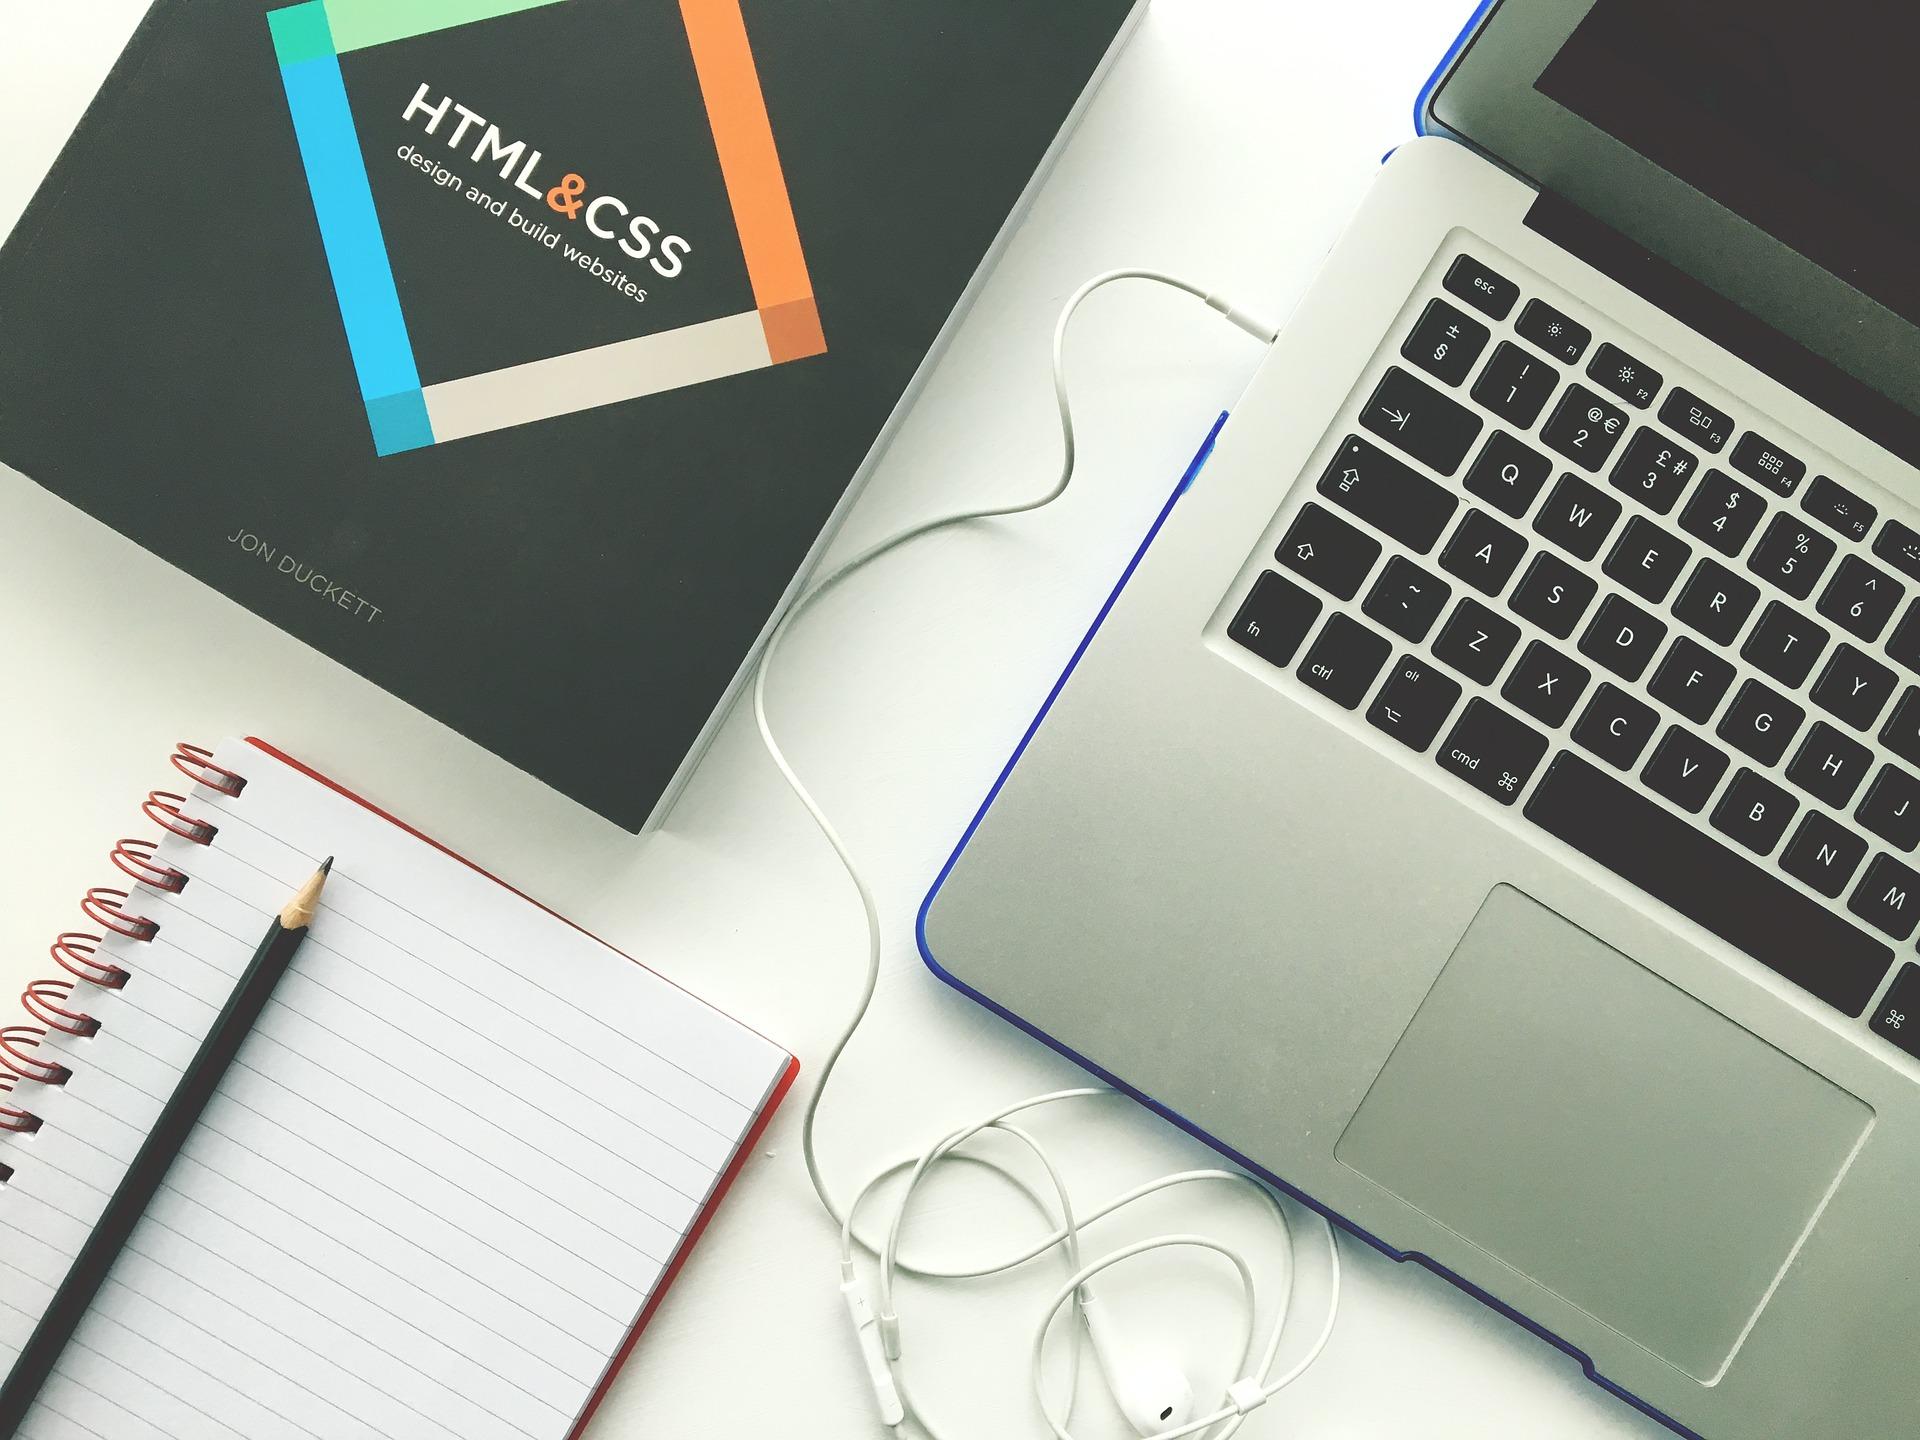 consulenza informatica sito web cube tech bologna